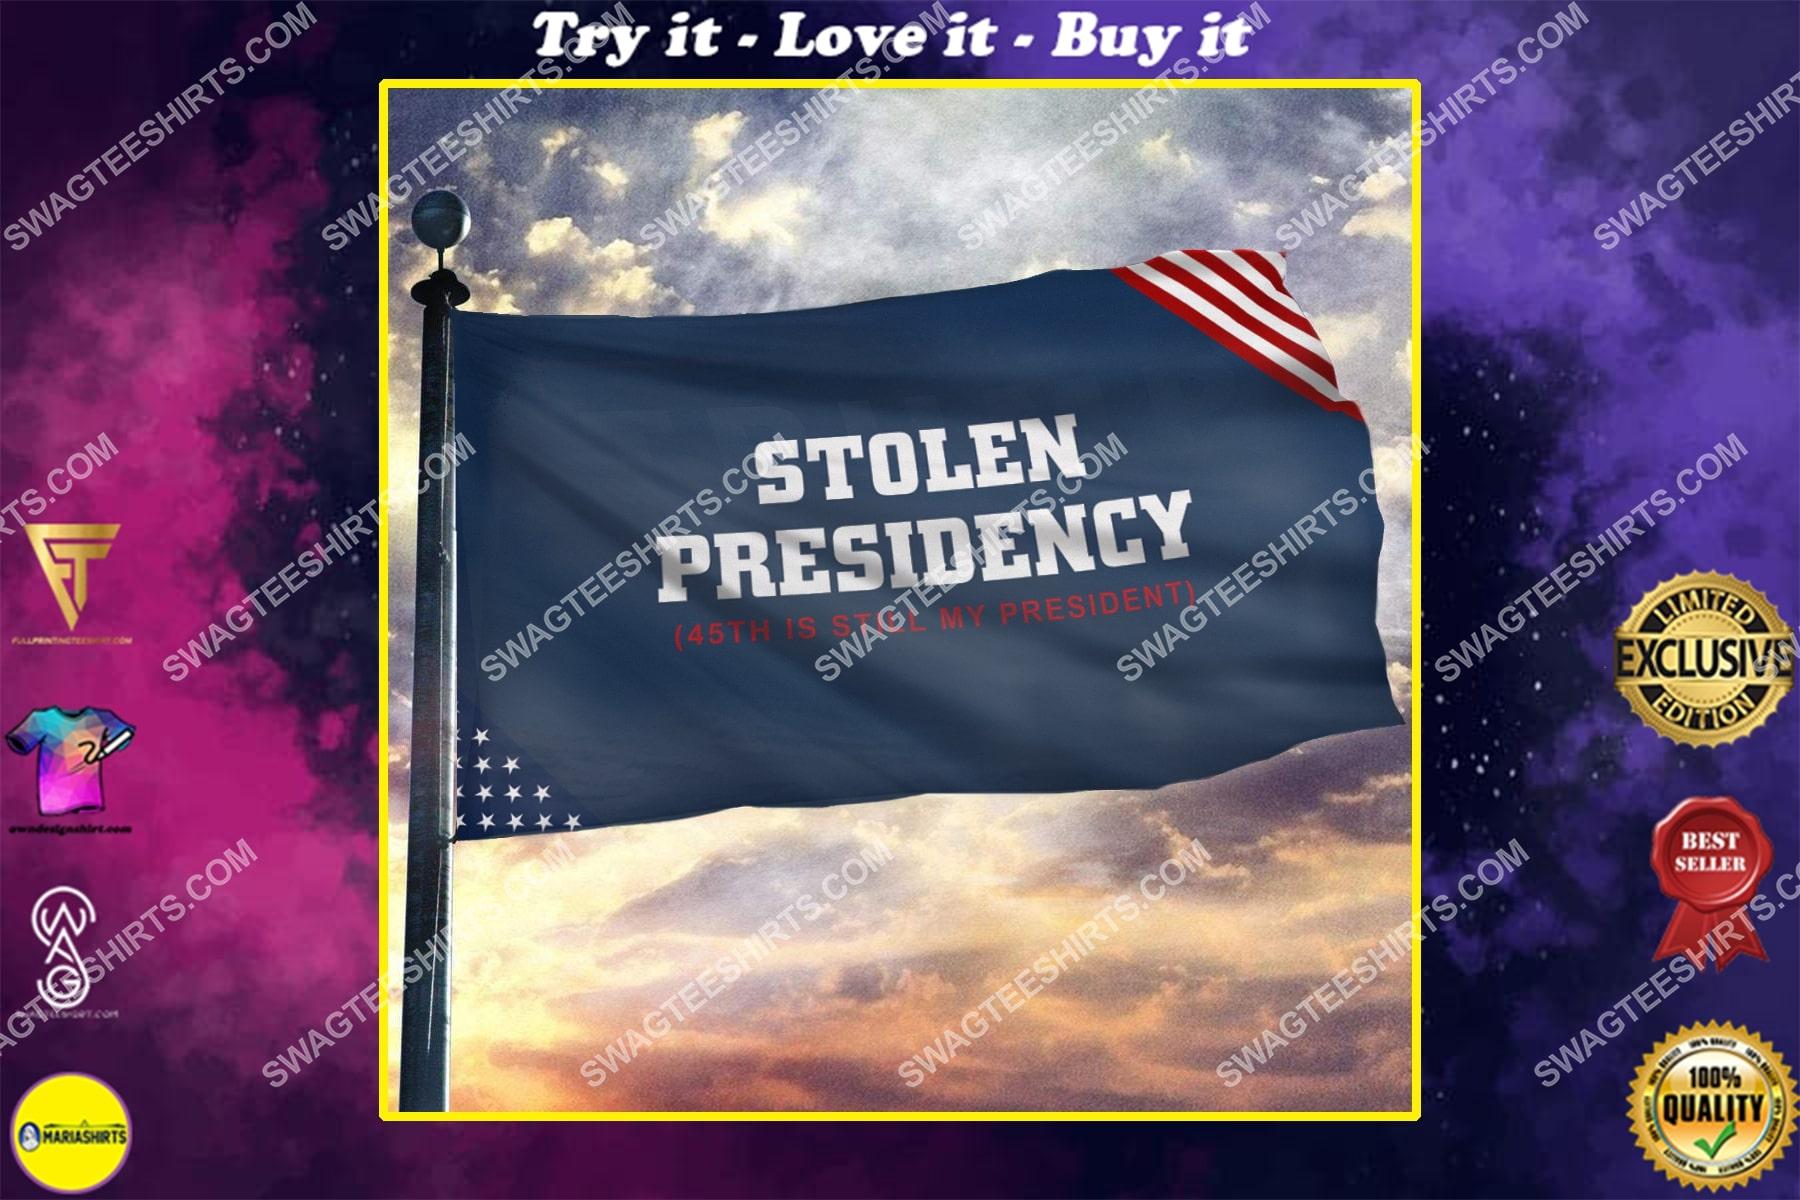 45th is still my president stolen presidency politics flag